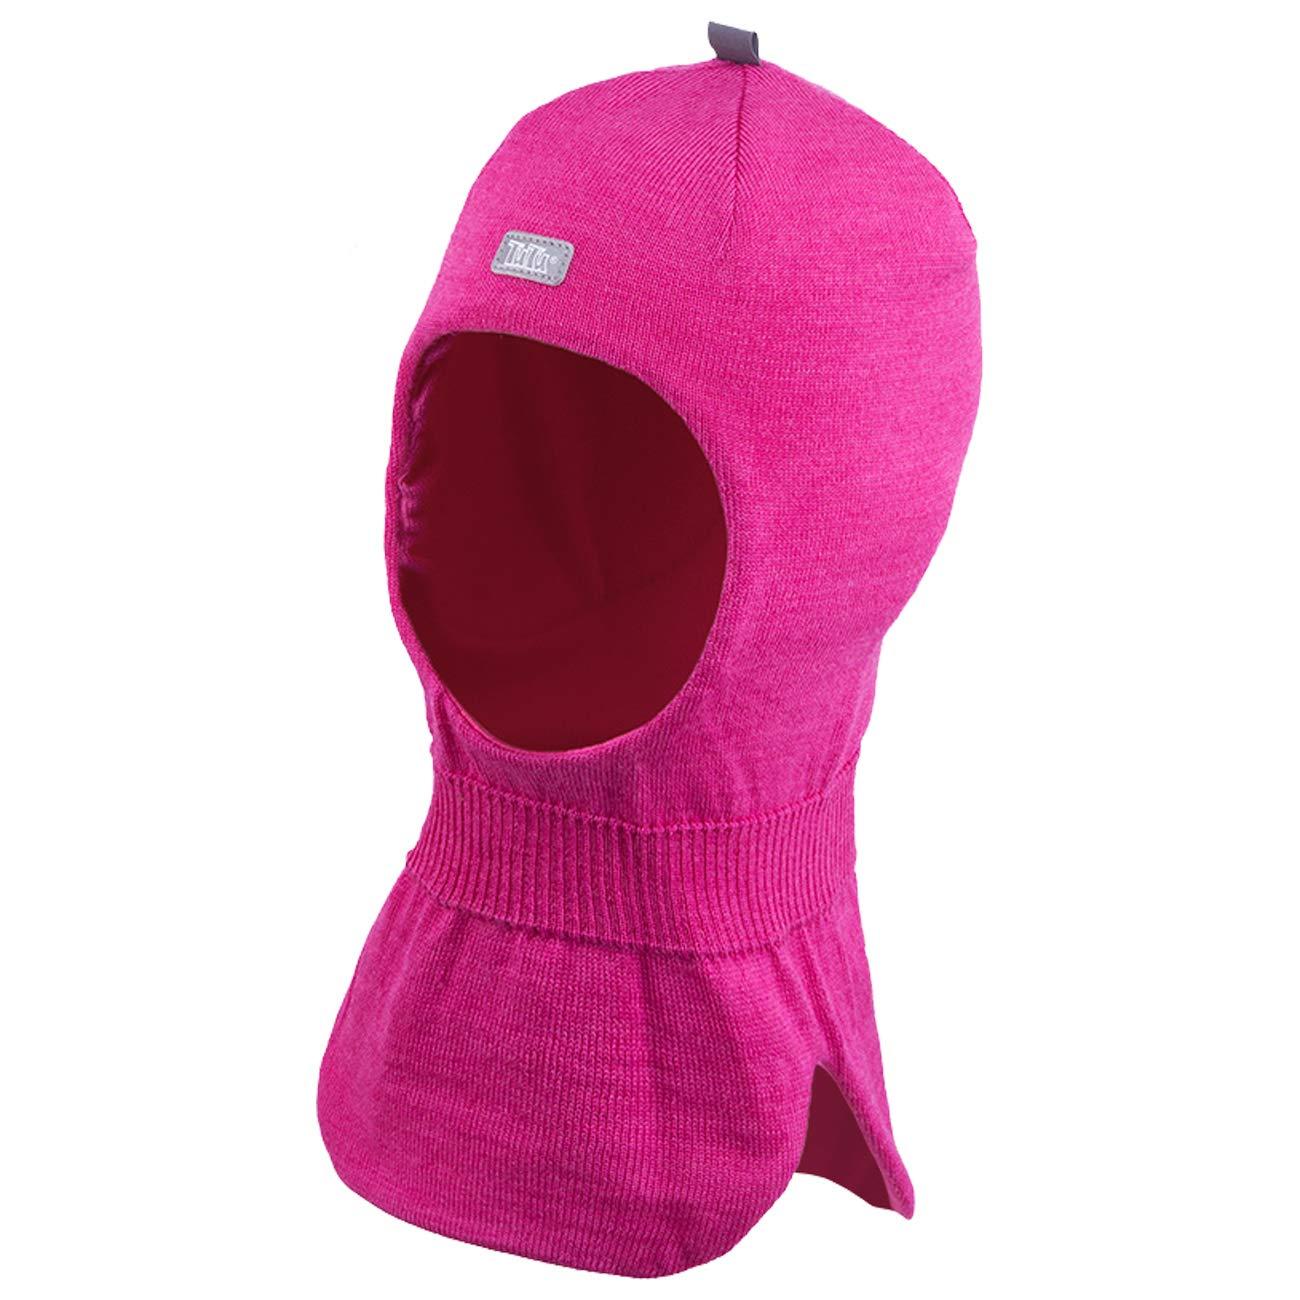 Galeja TuTu Kinder Schlupfmütze Mädchenmütze Winter Mütze Baumwollfutter mit Stirnschutz + Ohren Membran 3-004279